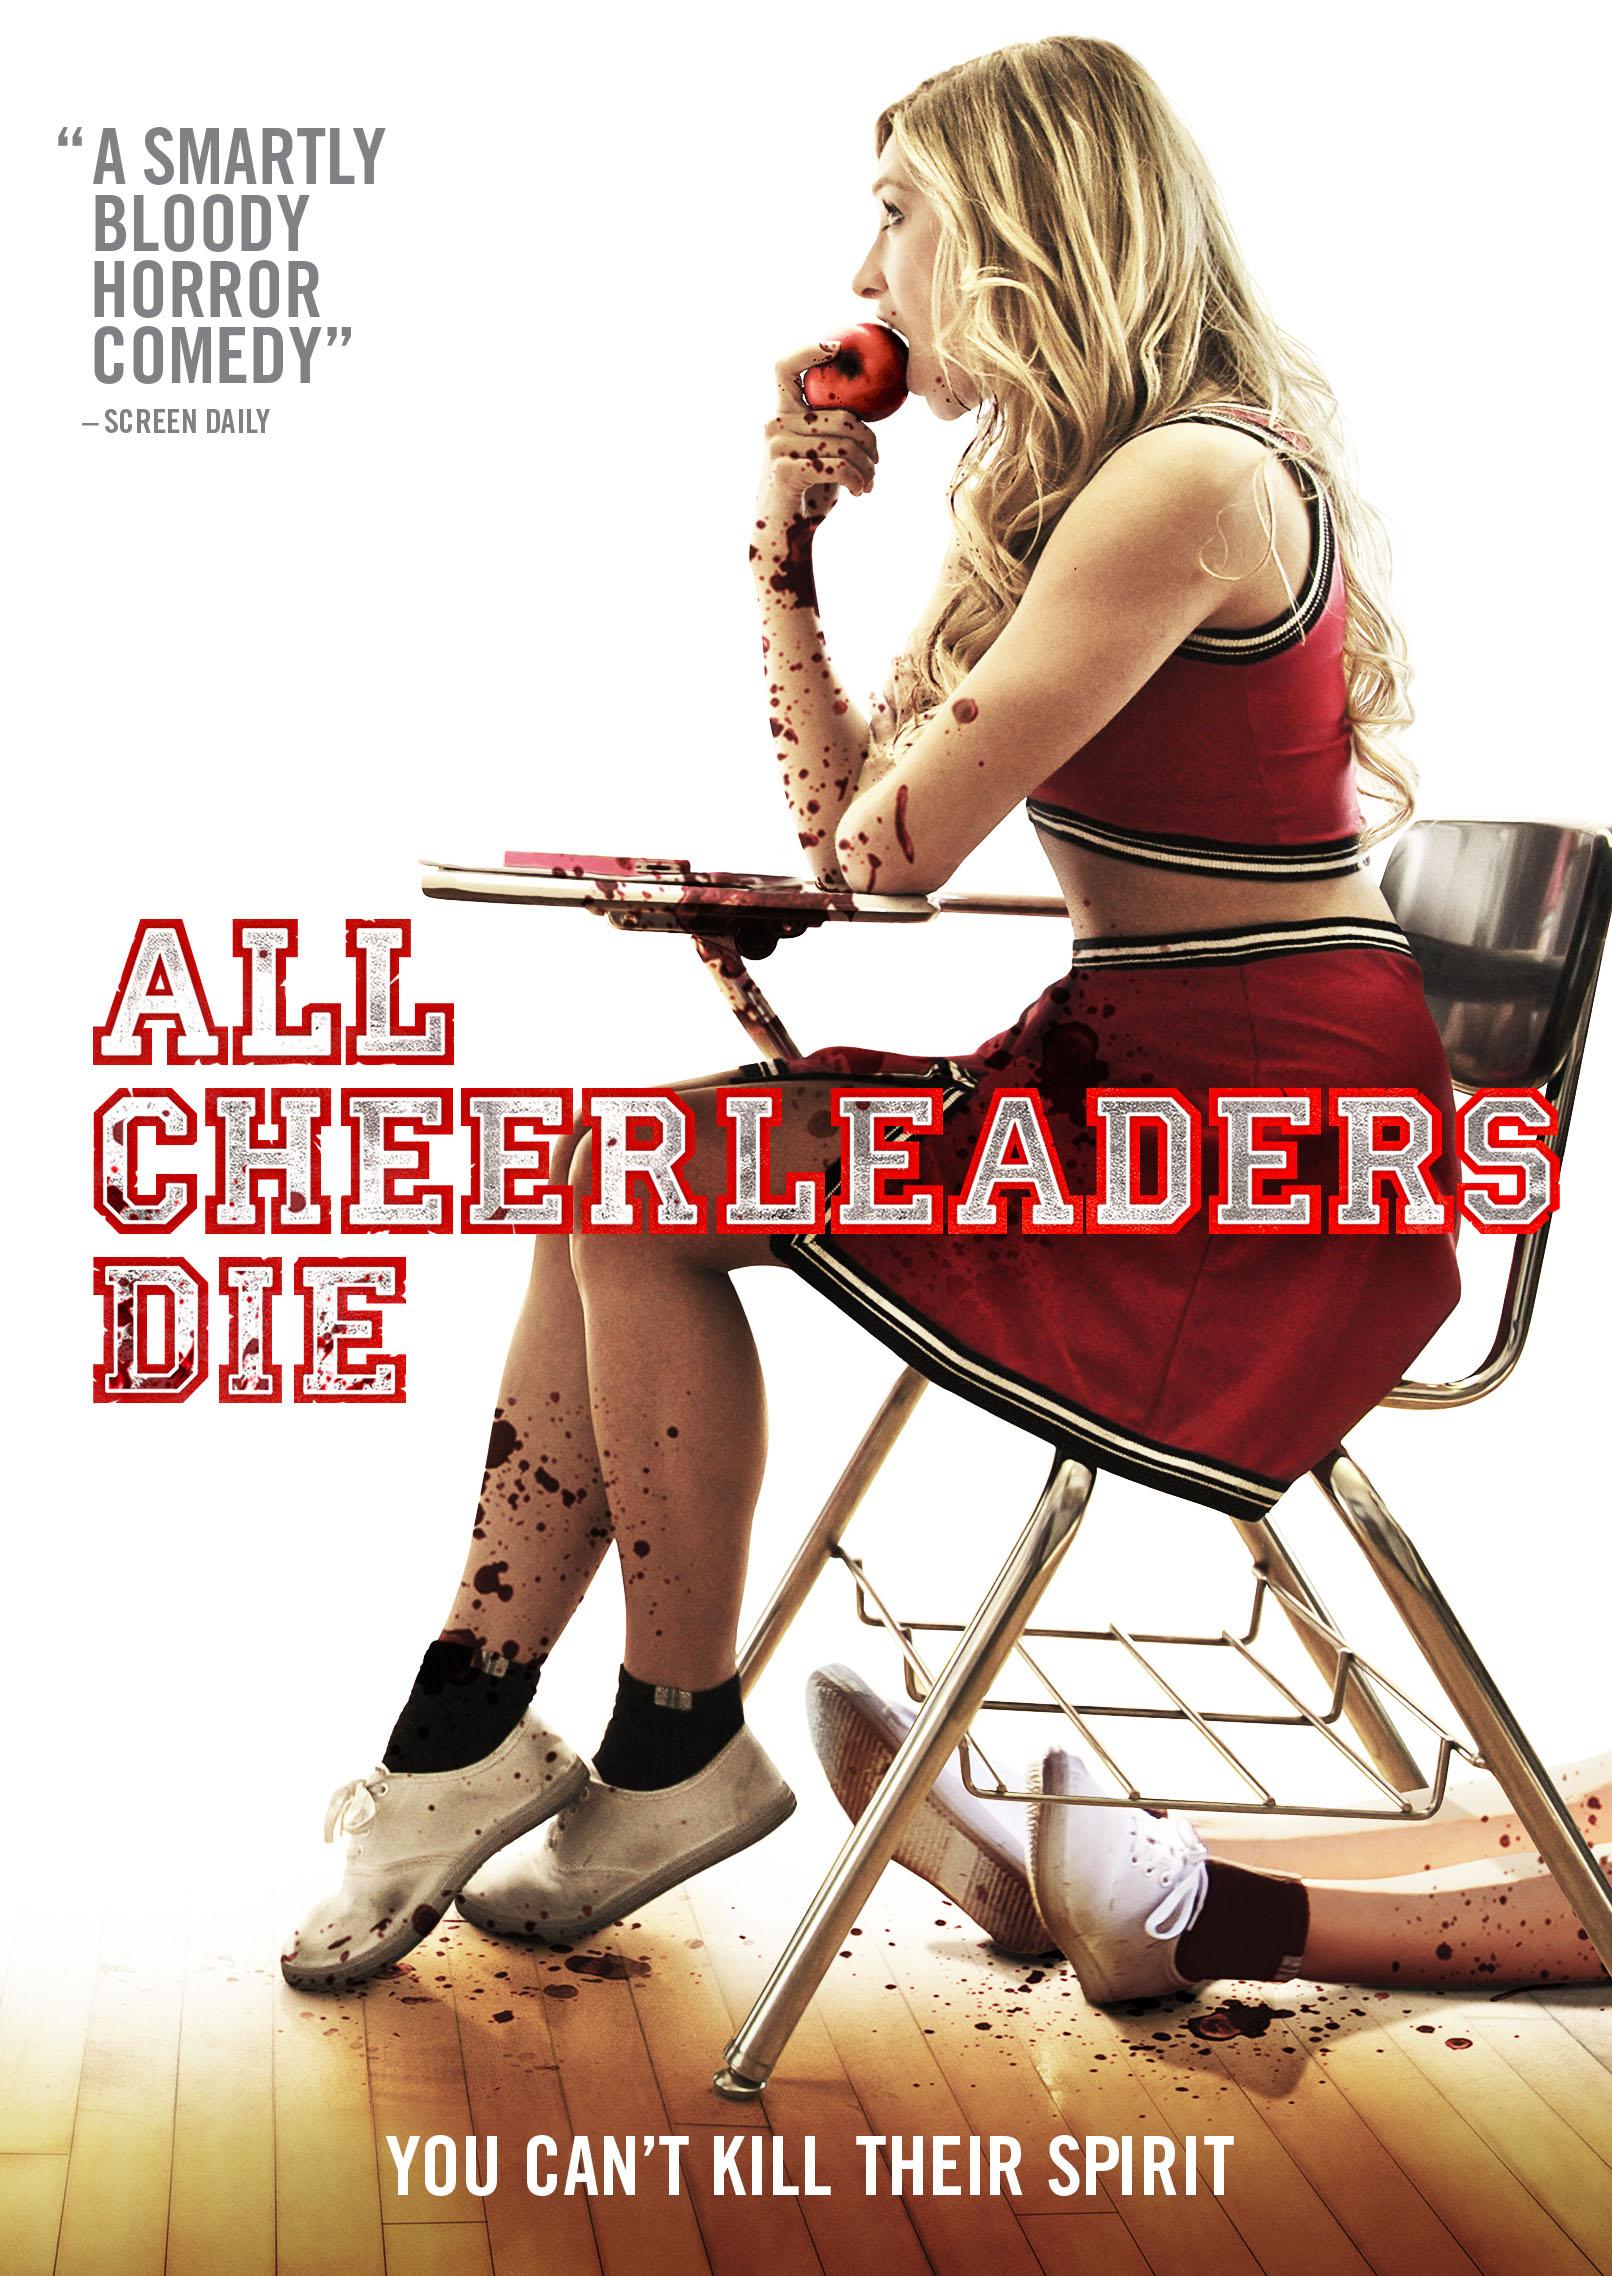 All Cheerleaders Die (dvd) 7774001